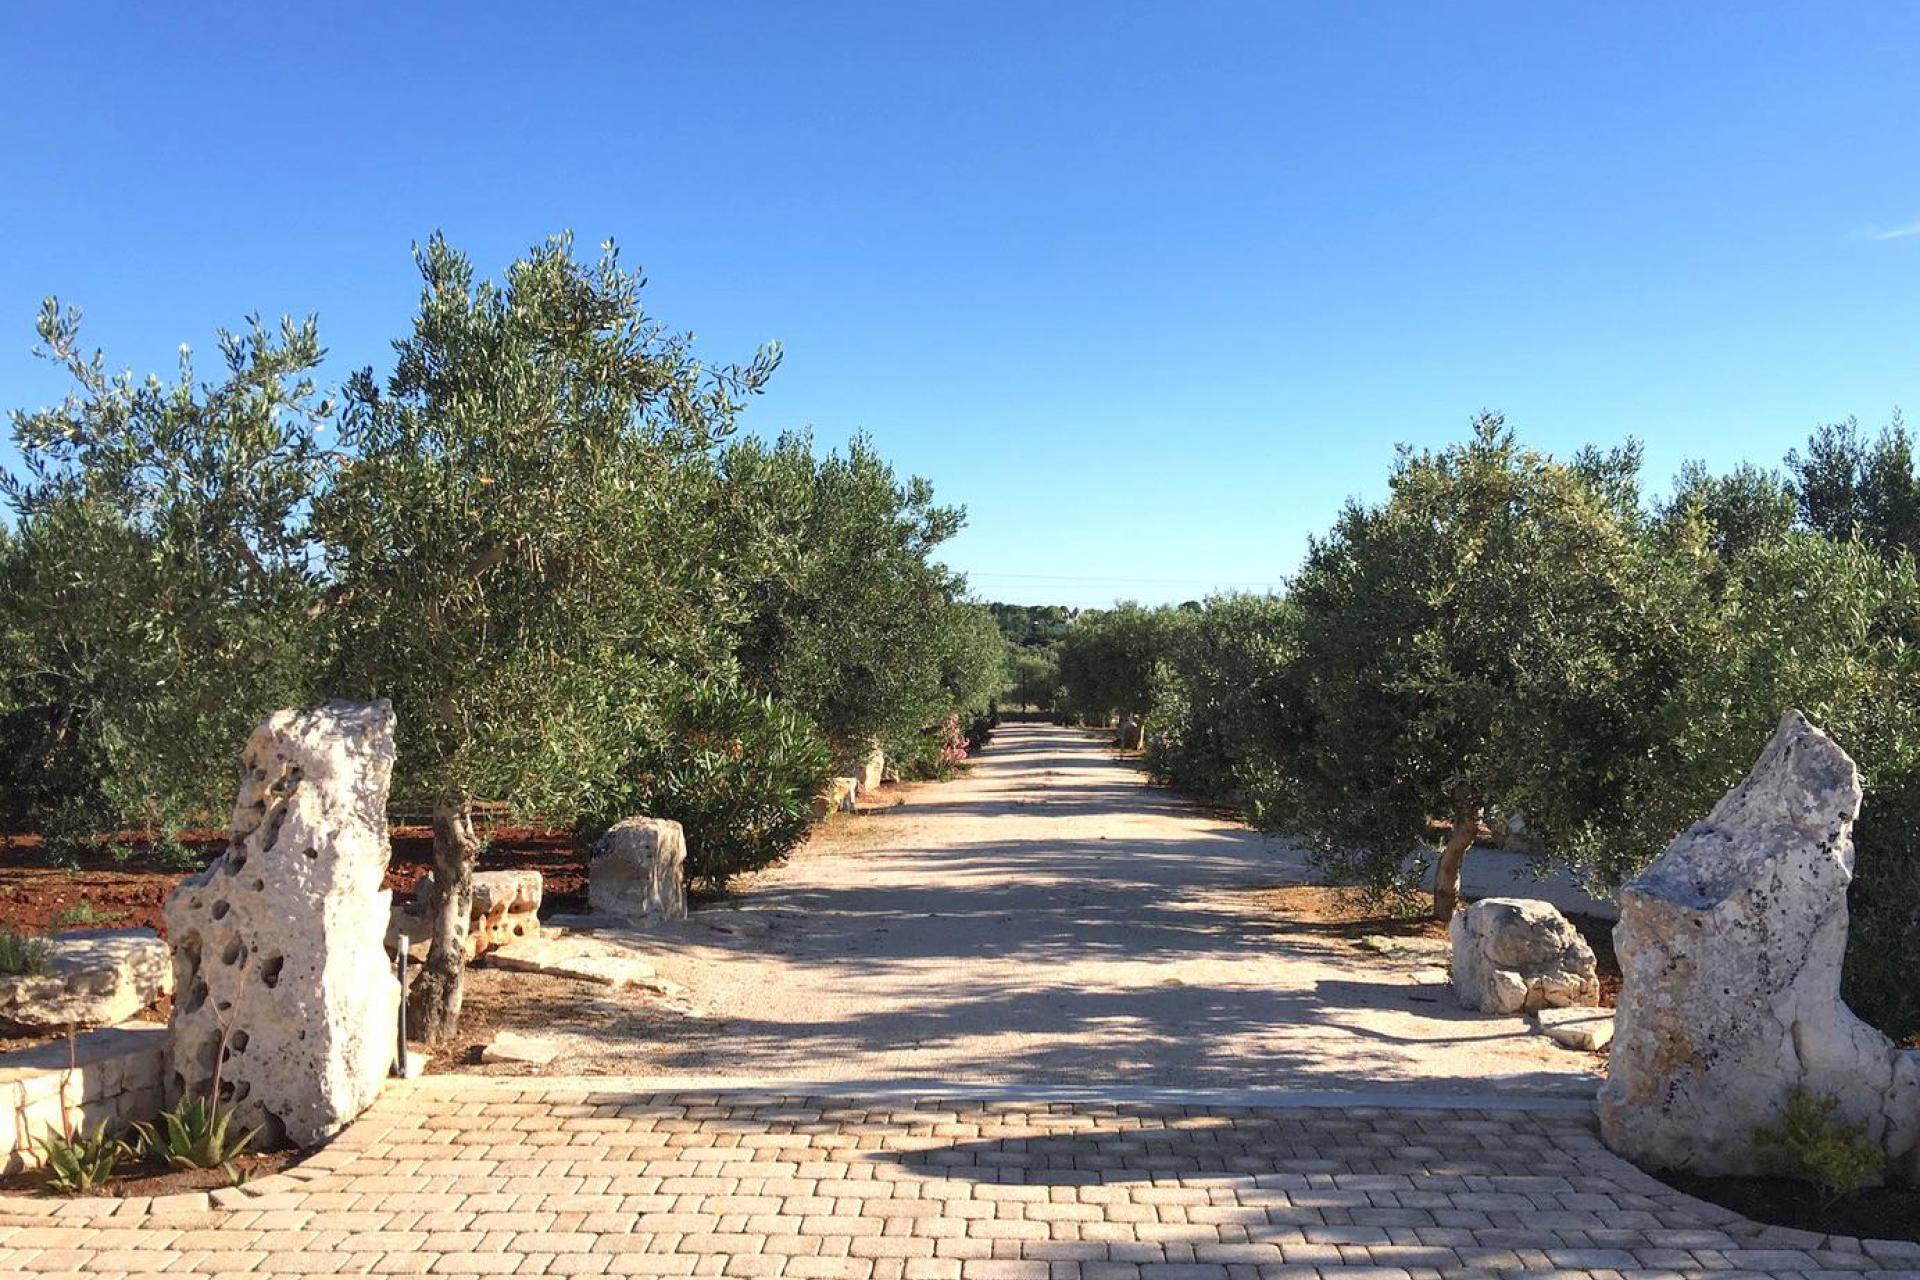 Agriturismo Piemonte Agriturismo di charme Piemonte, per gli amanti del vino e buon cibo